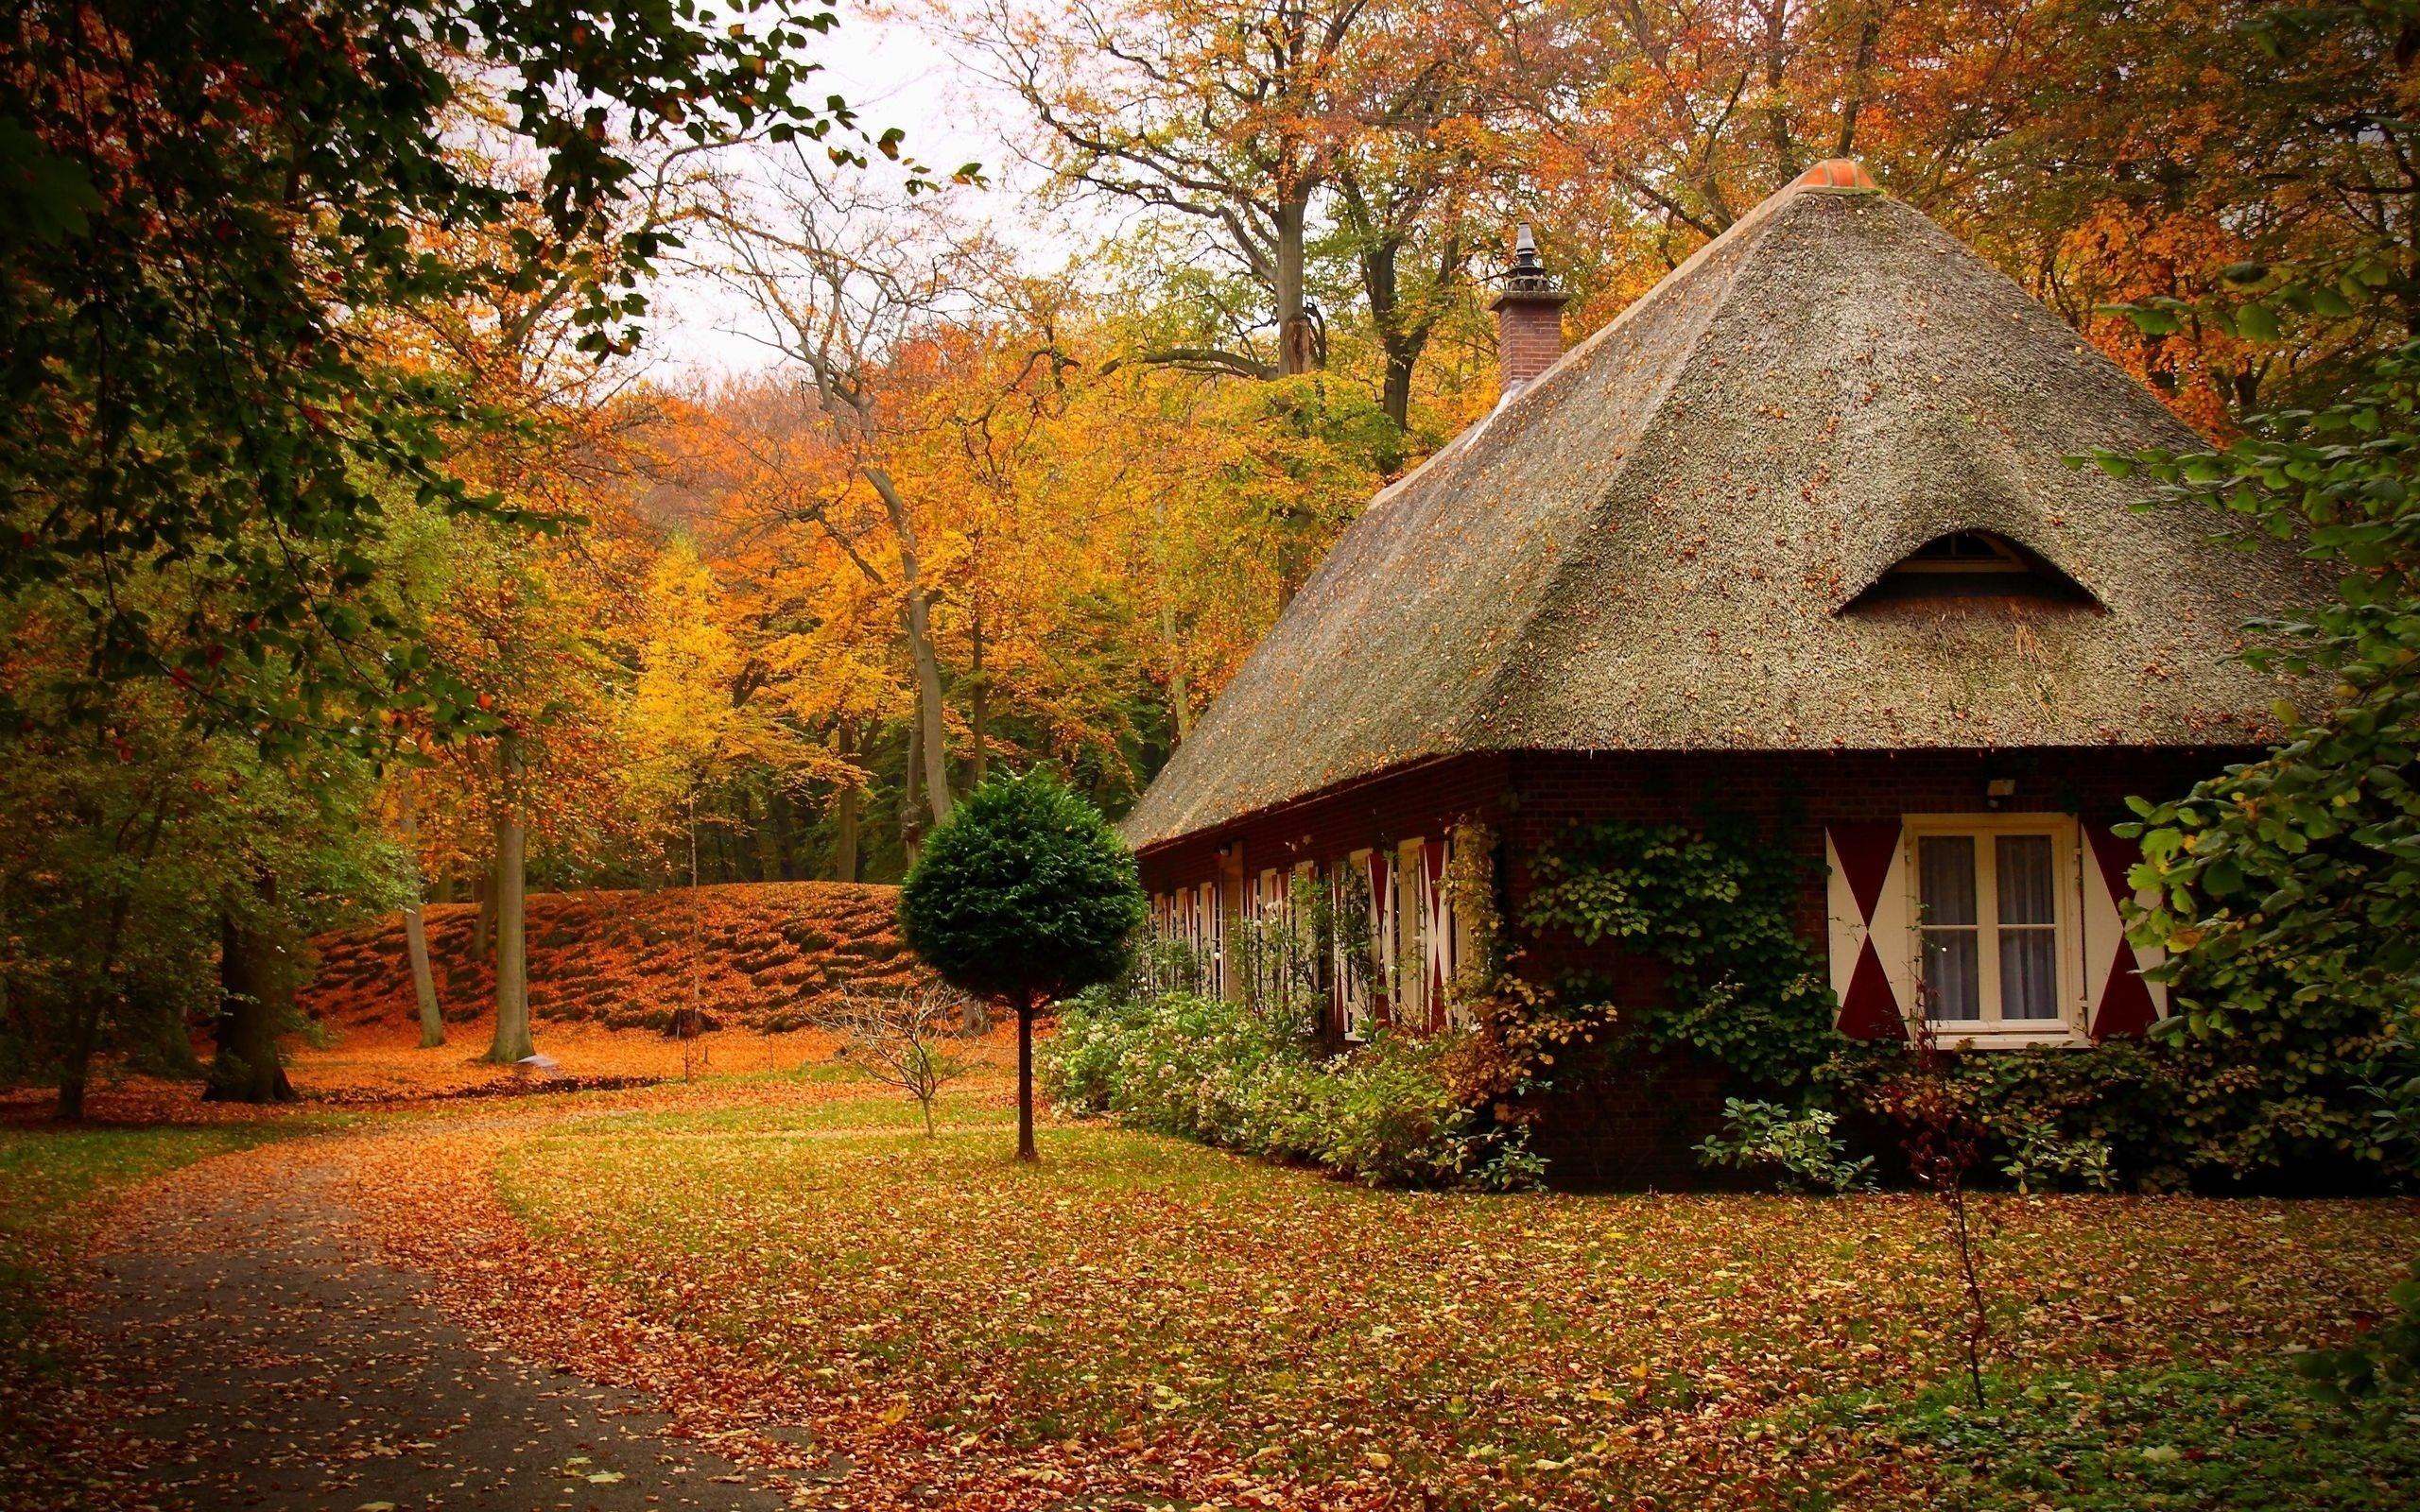 Wallpaper autumn park path leaf house tree forest desktop 2560x1600